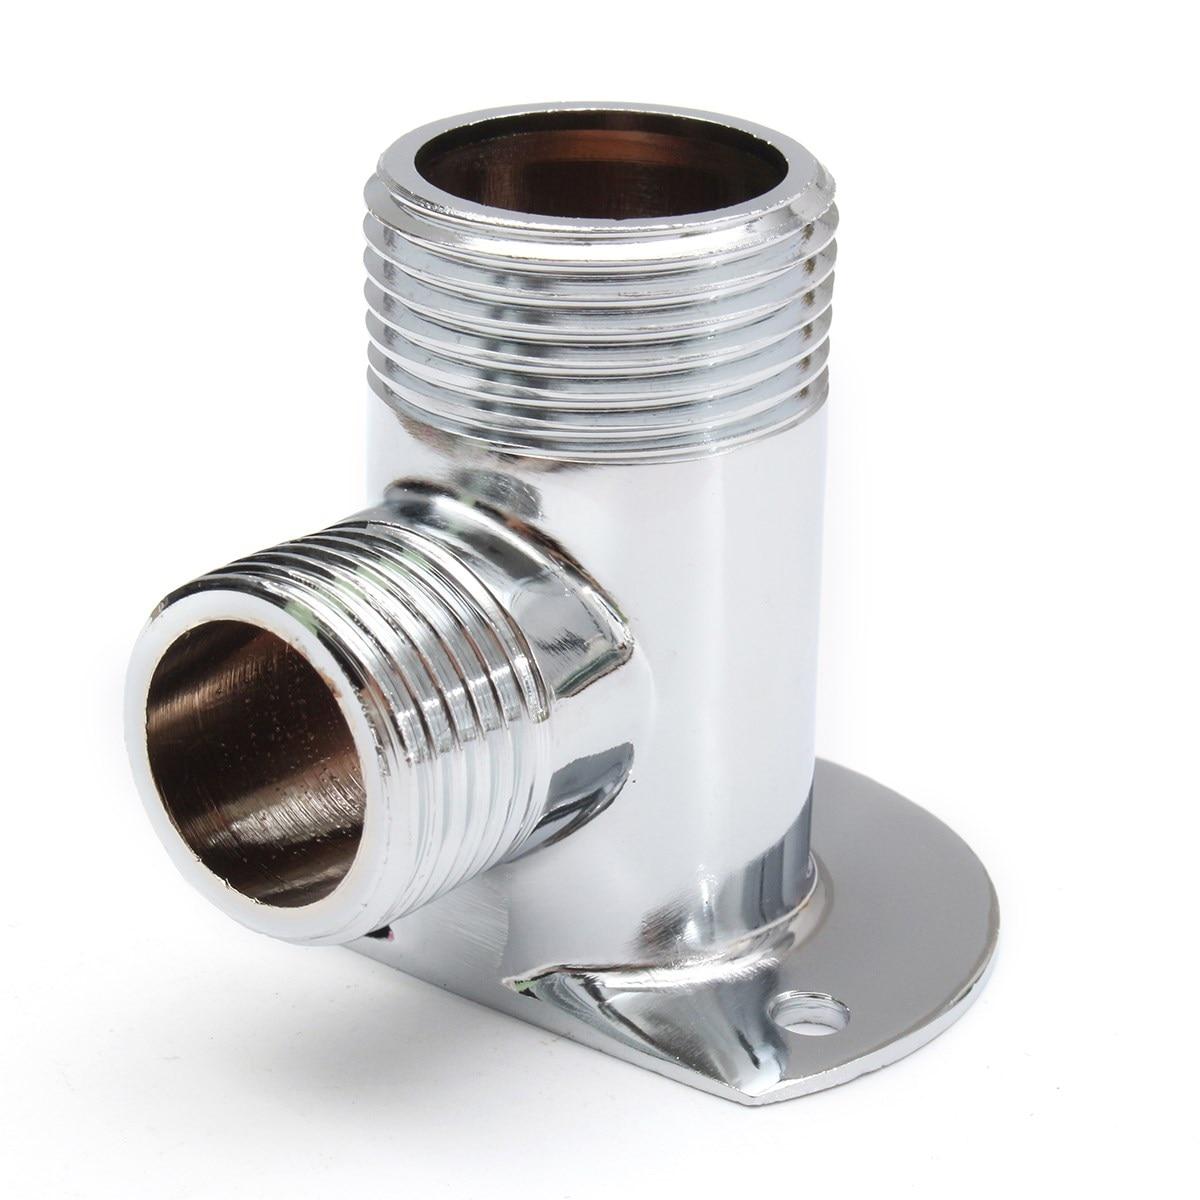 g1 2 bass bathroom angle valve for shower head water separator shower diverter toilet bathroom. Black Bedroom Furniture Sets. Home Design Ideas